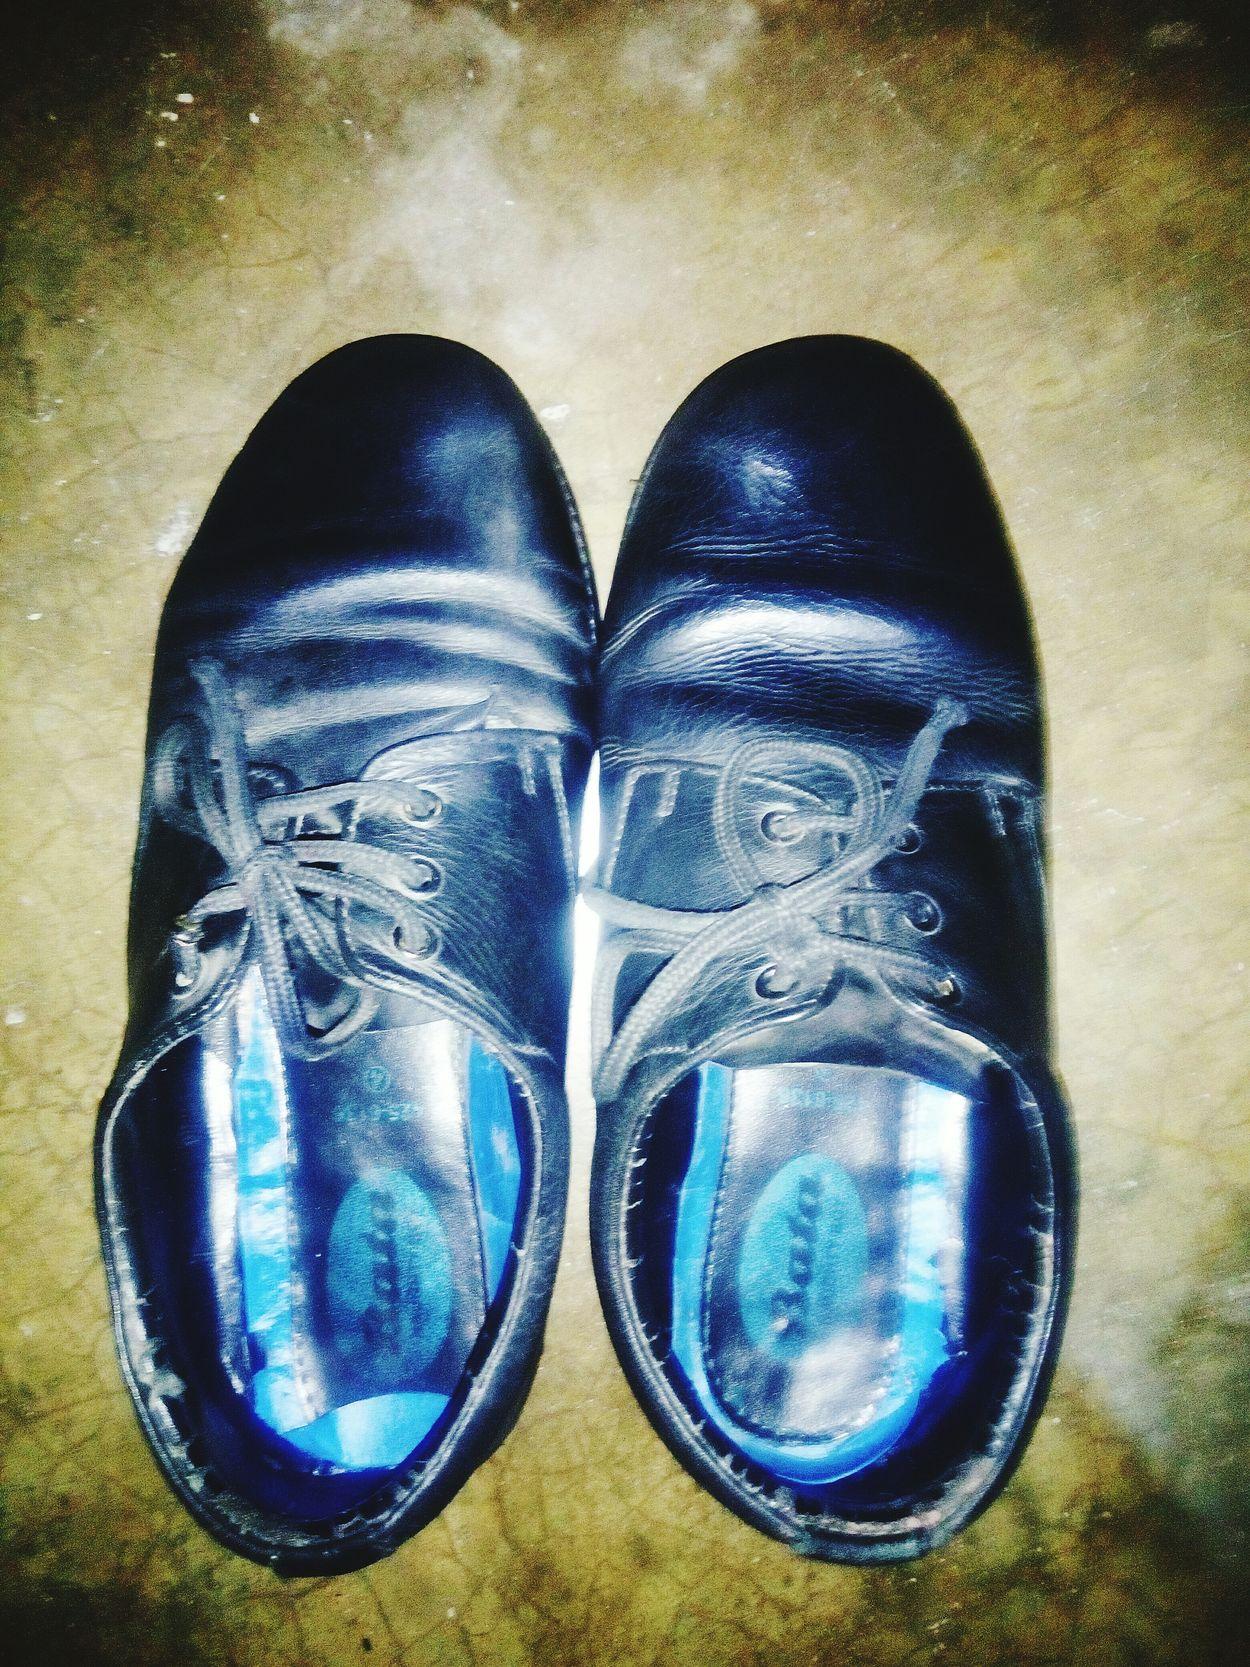 Shoes Shoe Polished Shoe Black Shoes Leather Leather Shoes Bata Bata Shoes School Shoes